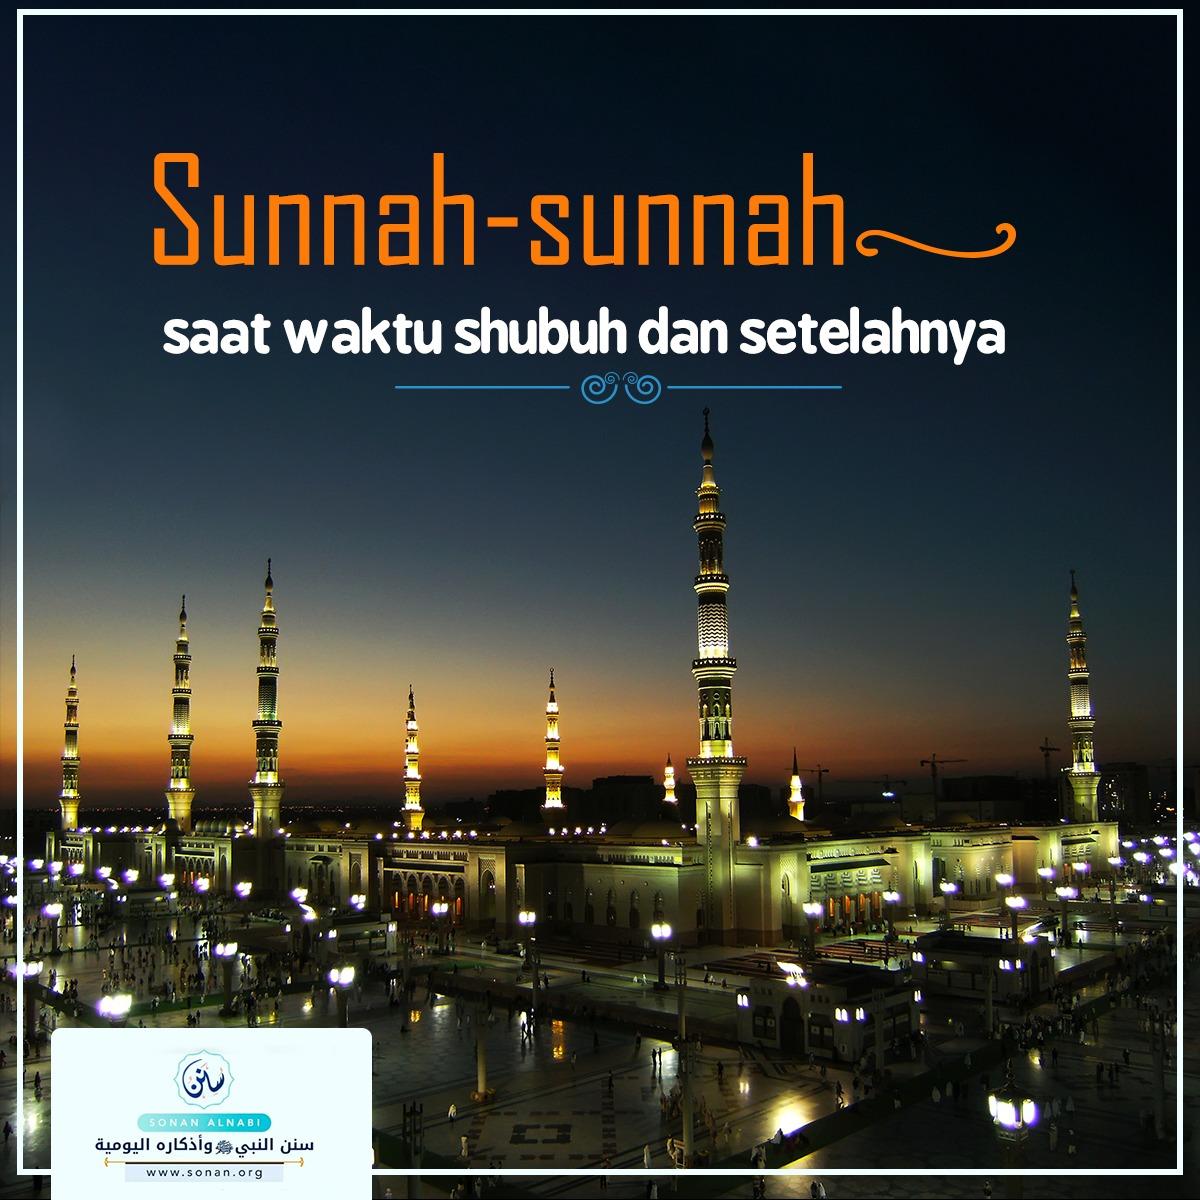 Sunnah-sunnah saat waktu shubuh dan setelahnya